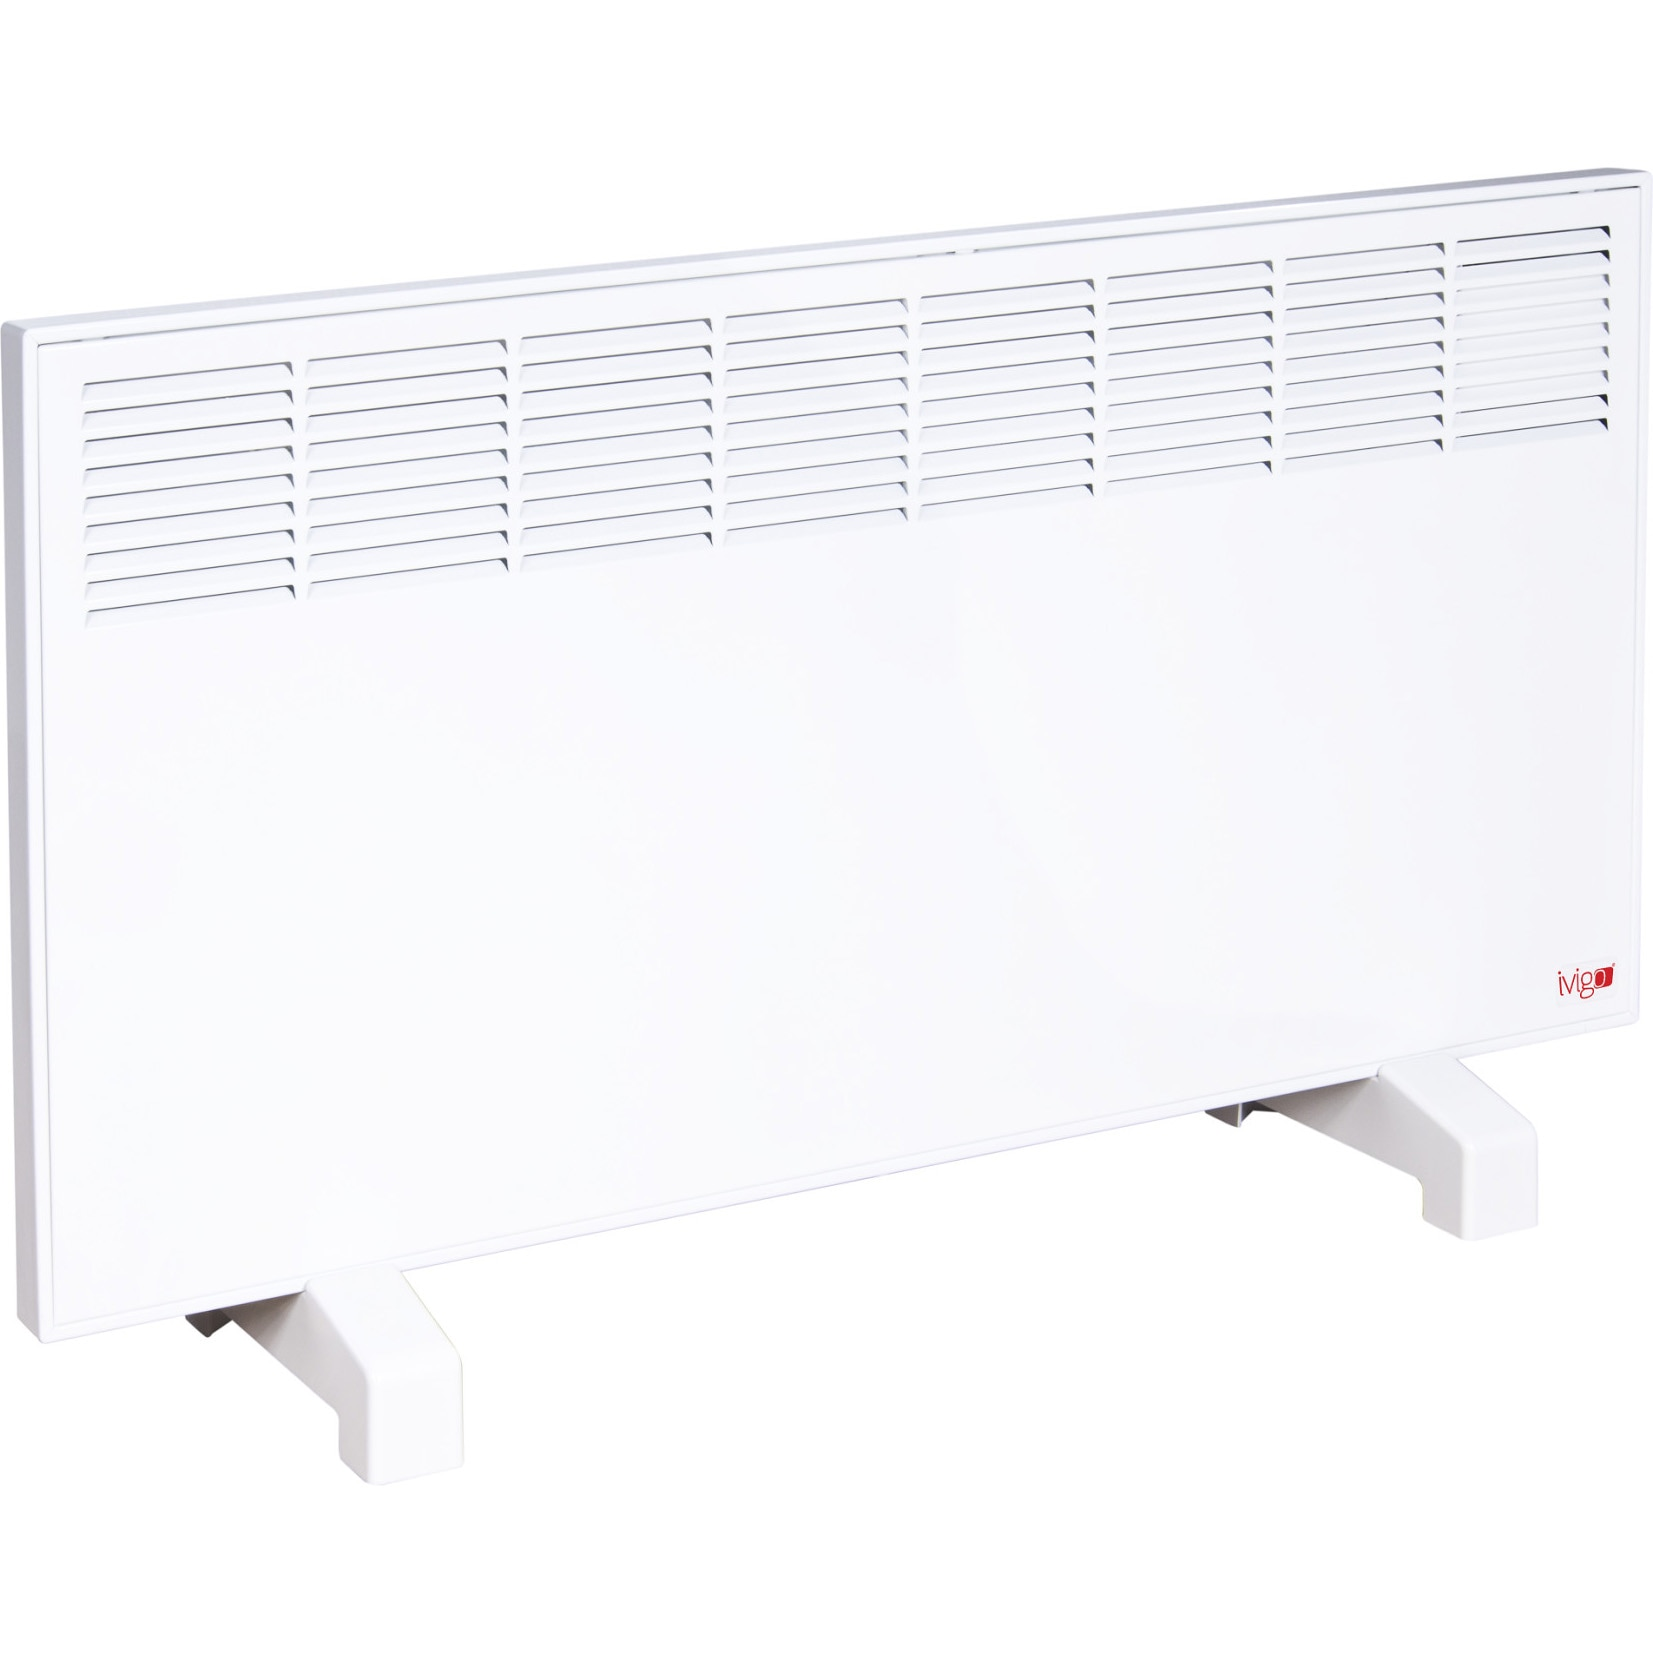 Fotografie Convector iVigo Manual EPK 2500 W White, control mecanic, Termostat de siguranta, termostat reglabil, IP 24, pentru 28 mp, ERP 2018